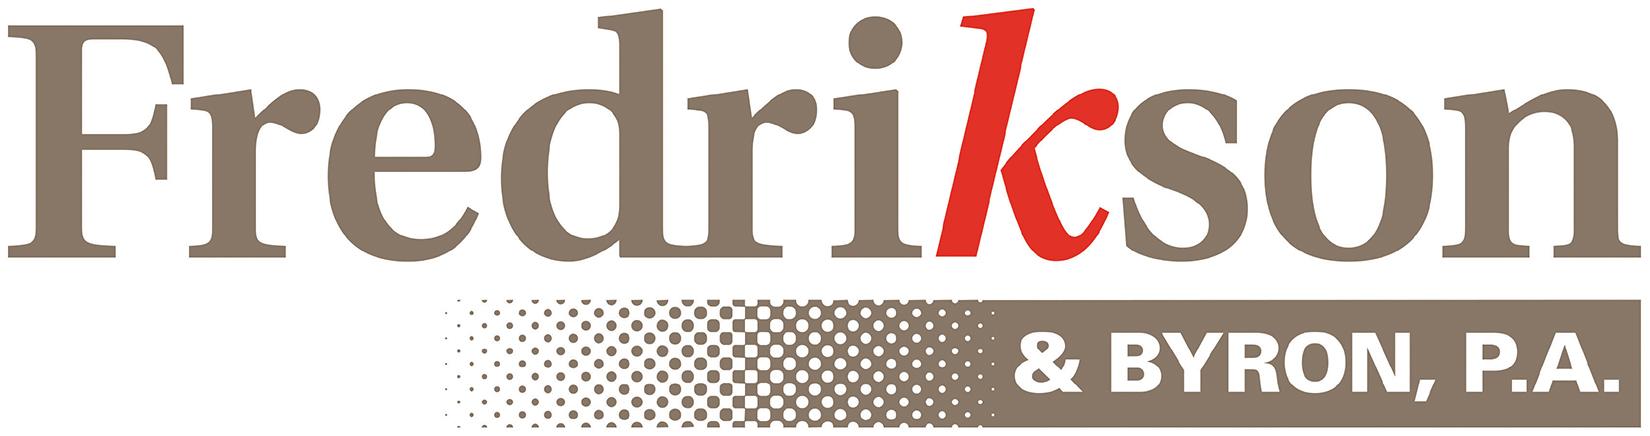 Fredrikson & Bryon, P.A. logo